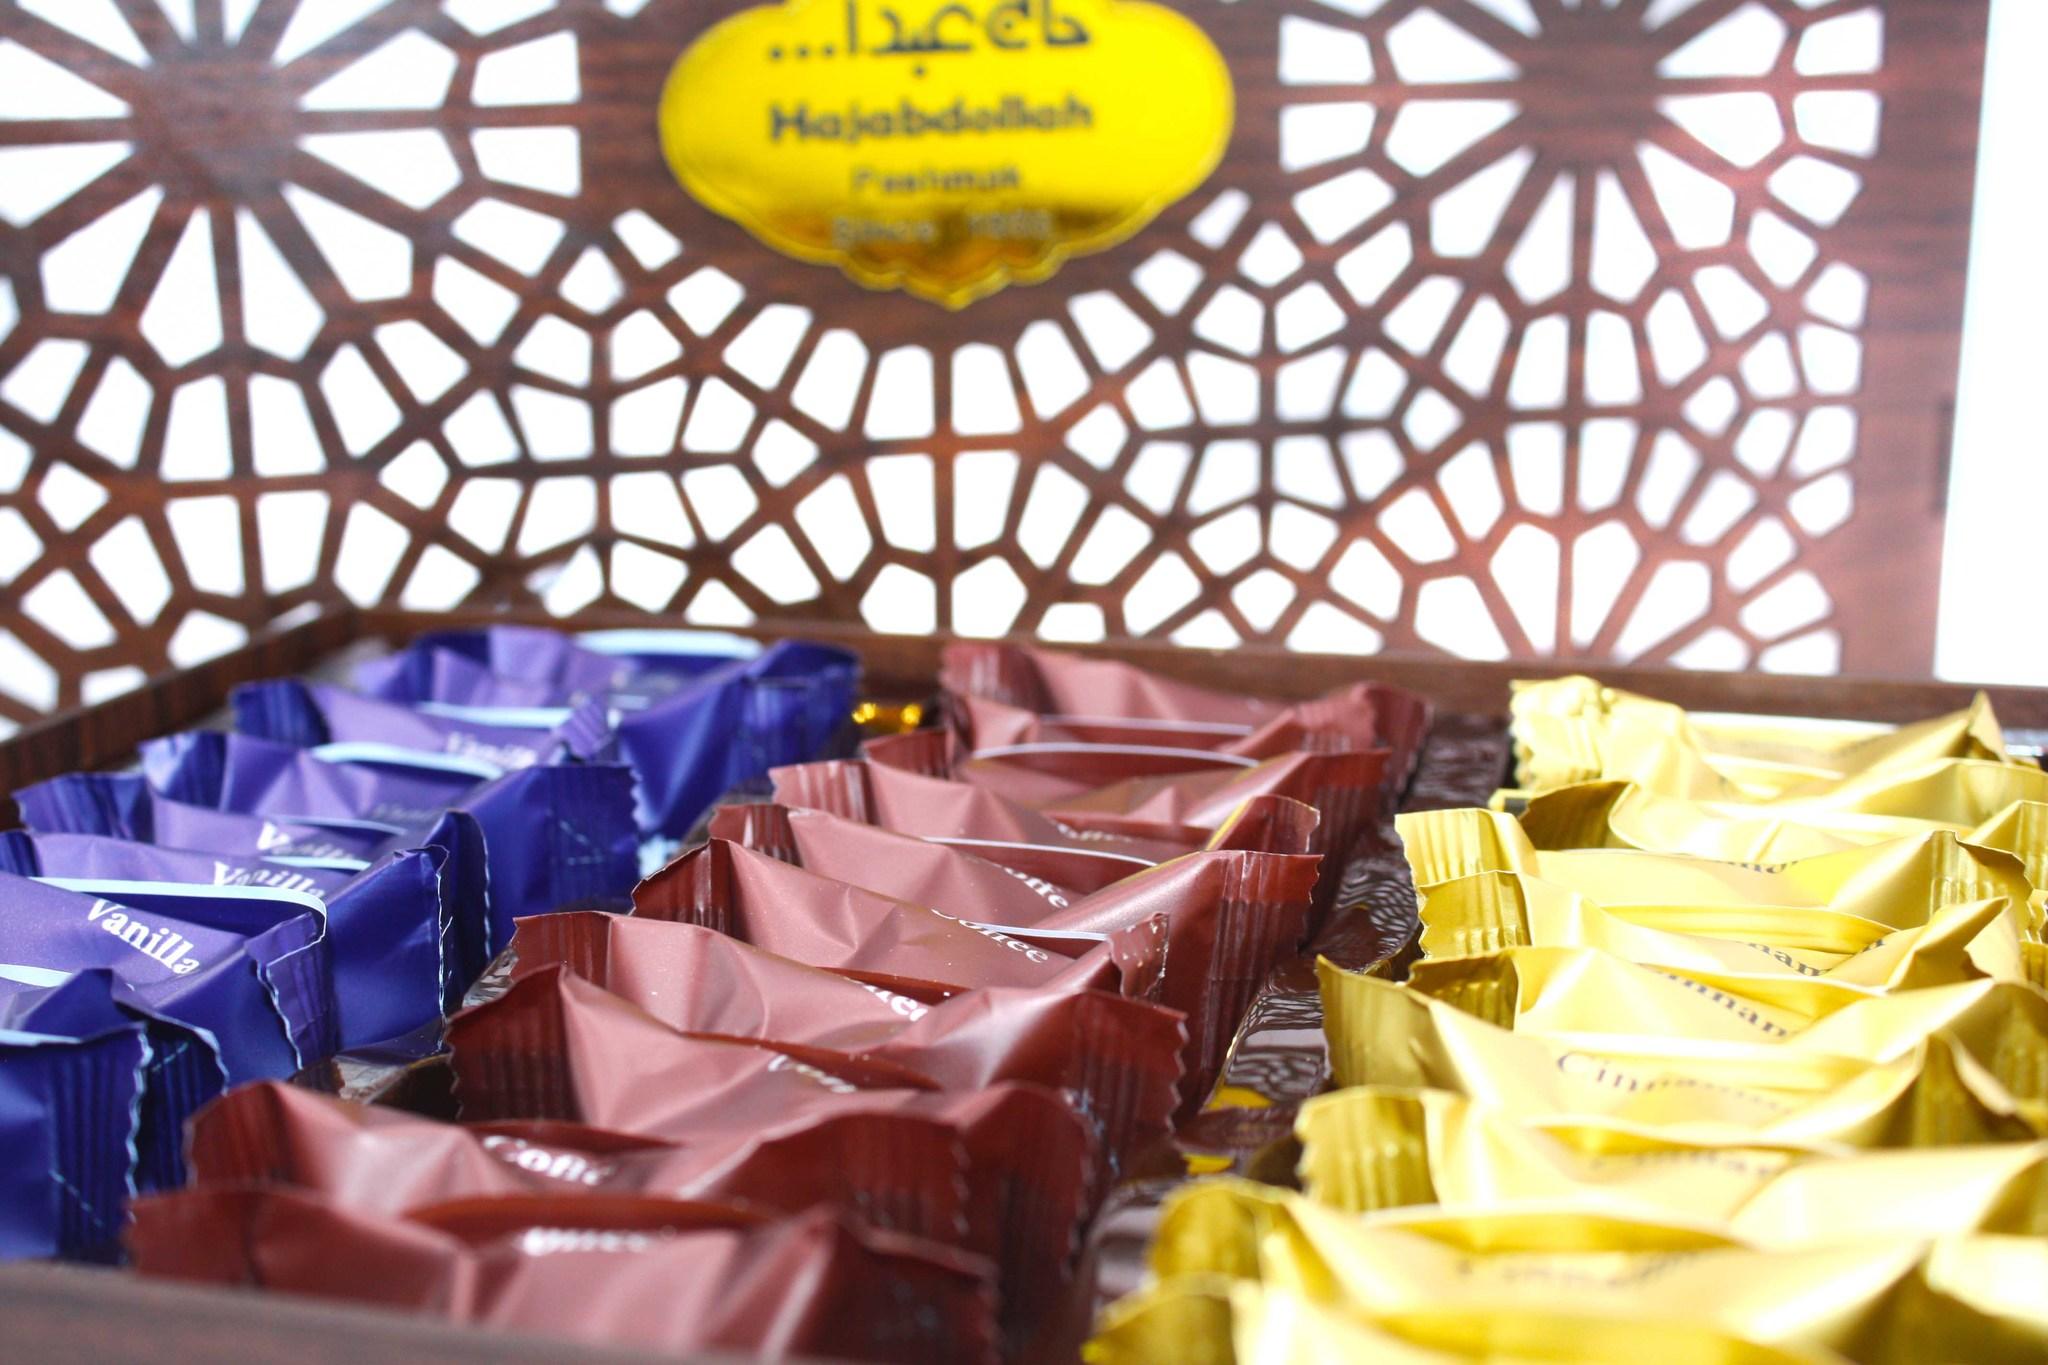 Пишмание Ассорти пишмание в подарочной деревянной упаковке, Hajabdollah, 500 г import_files_a2_a2b1aca1f24f11e8a9a1484d7ecee297_9266c161f95711e8a9a1484d7ecee297.jpg